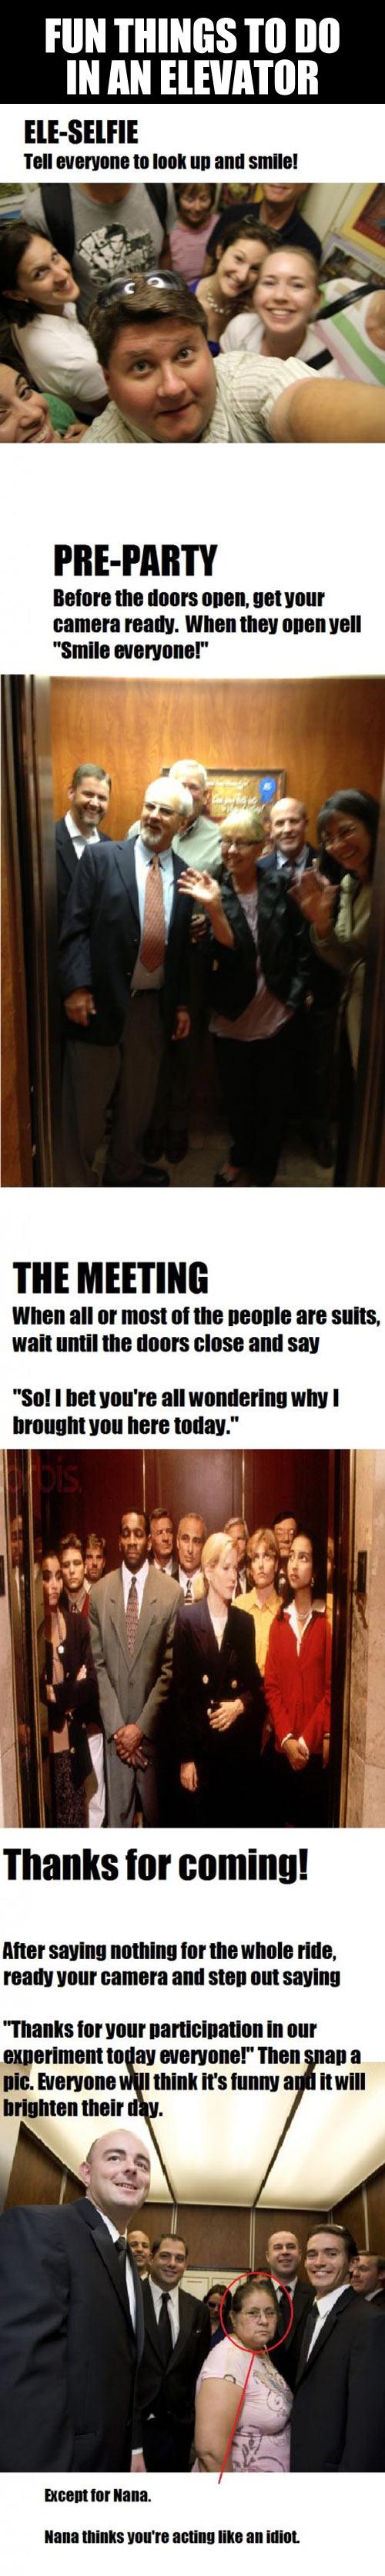 Having fun in the elevator…